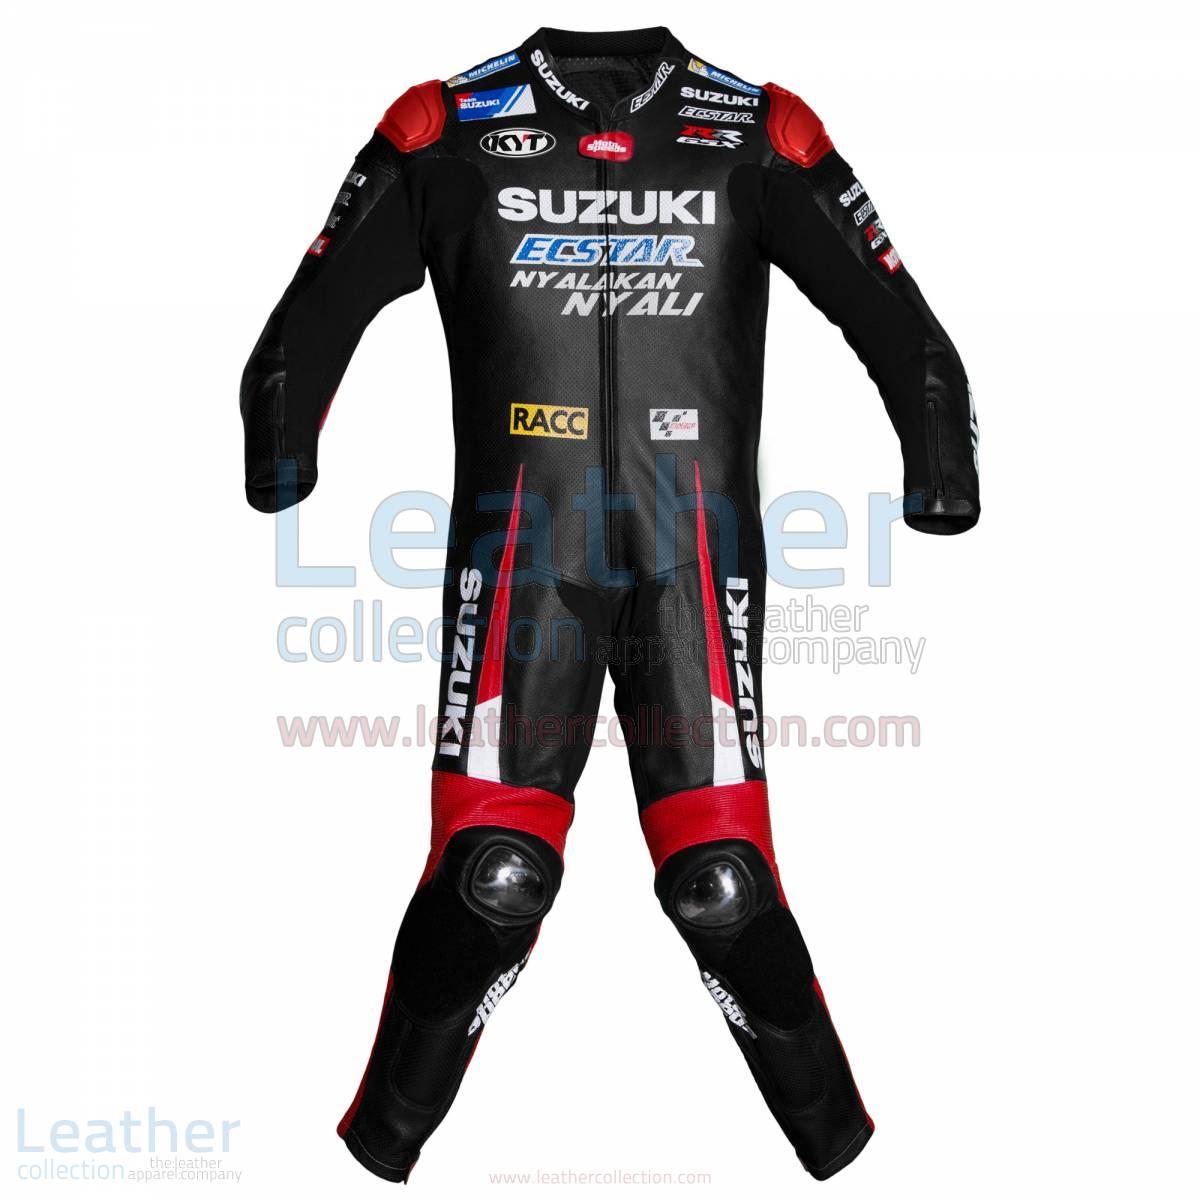 Aleix Espargaro Suzuki MotoGP 2016 Leather Suit – Suzuki Suit